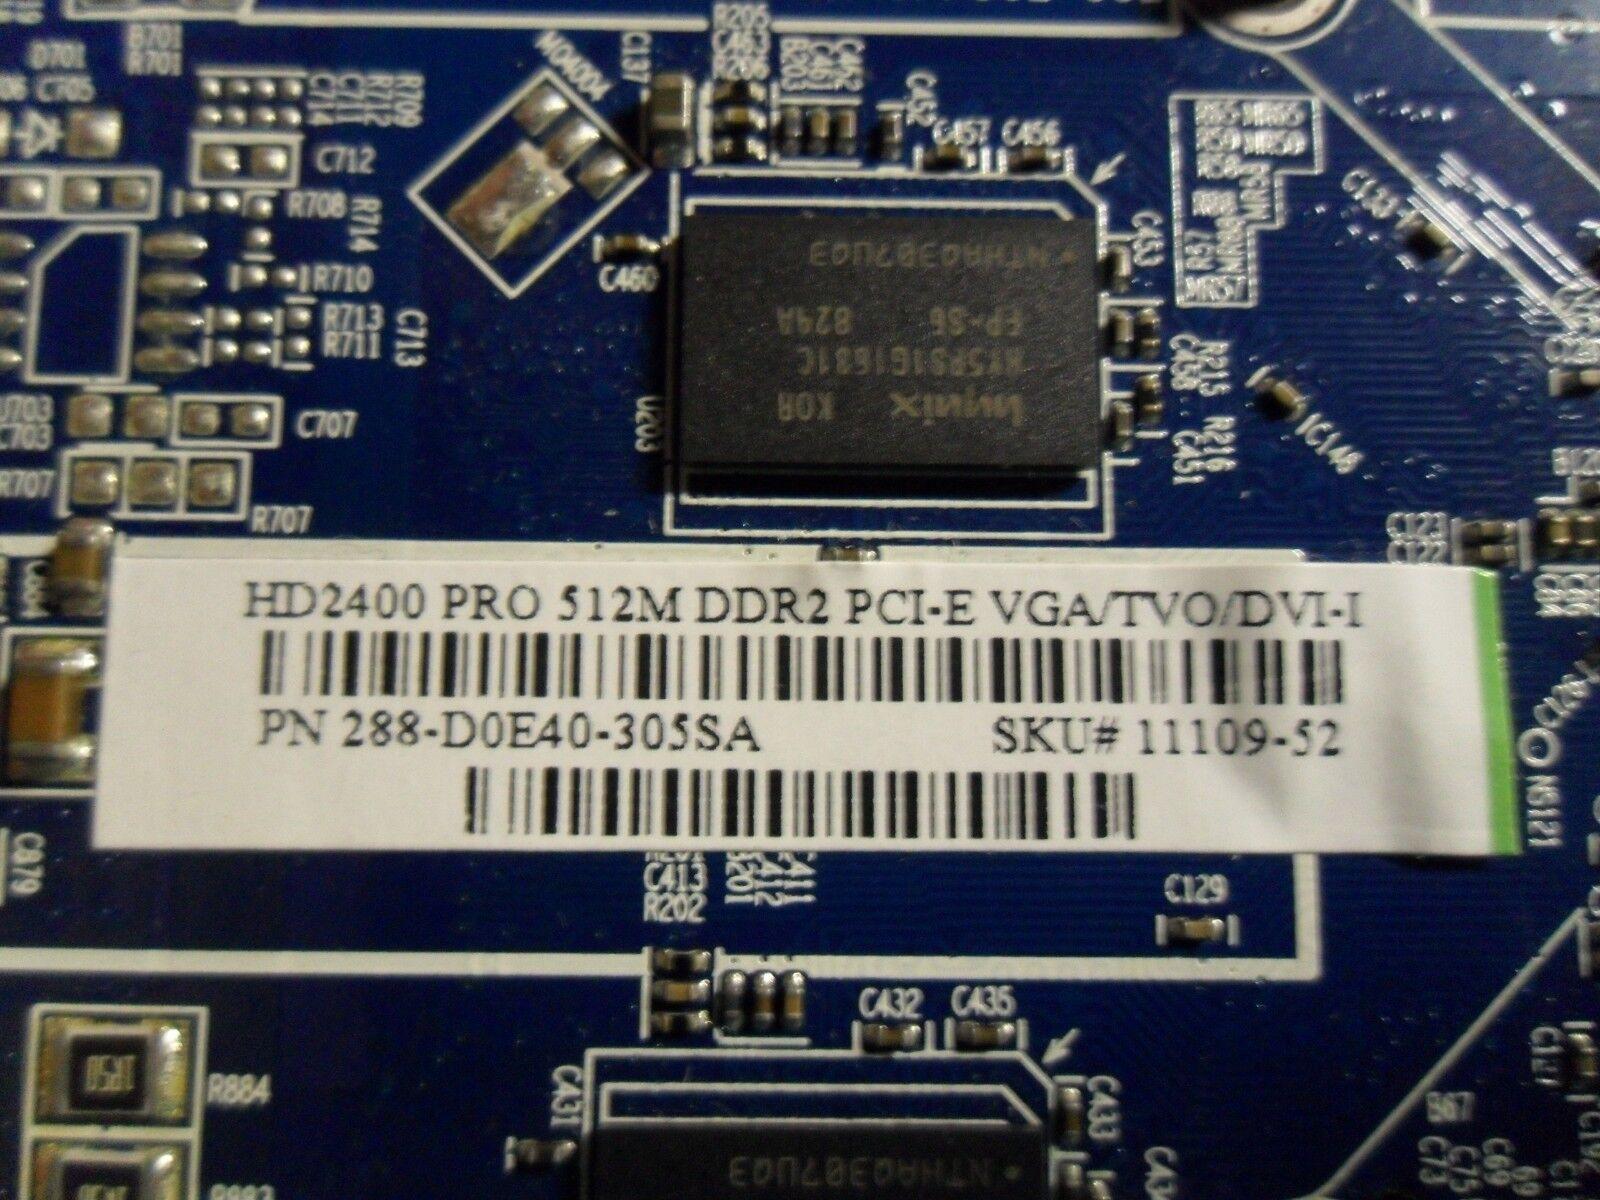 RADEON HD2400 PRO 512MB DDR2 PCI E VGA/TVO/DVI-I